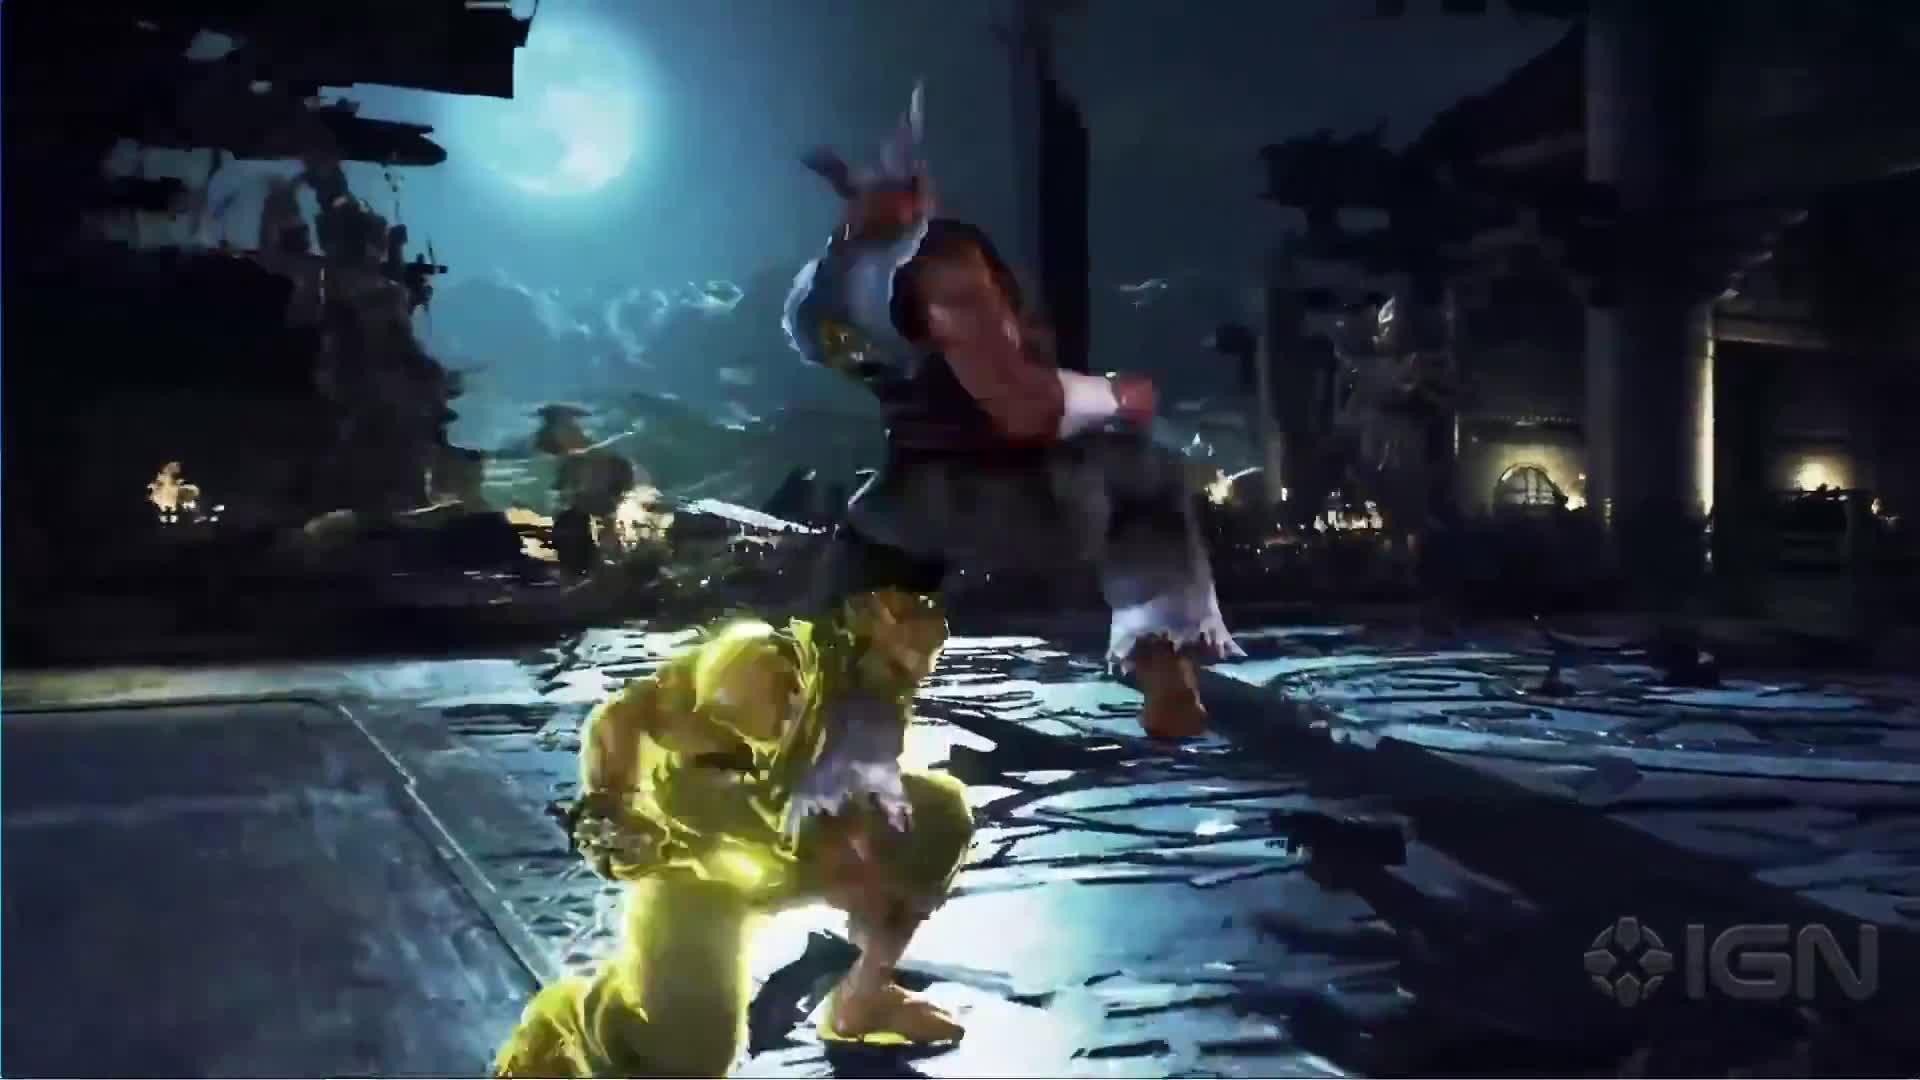 Arcade, Bandai Namco Games, Fighting, Gameplay, IGN, PC, PS4, Tekken 7, Xbox One, games, Tekken 7 - Geese Howard Gameplay With Katsuhiro Harada and Michael Murray GIFs